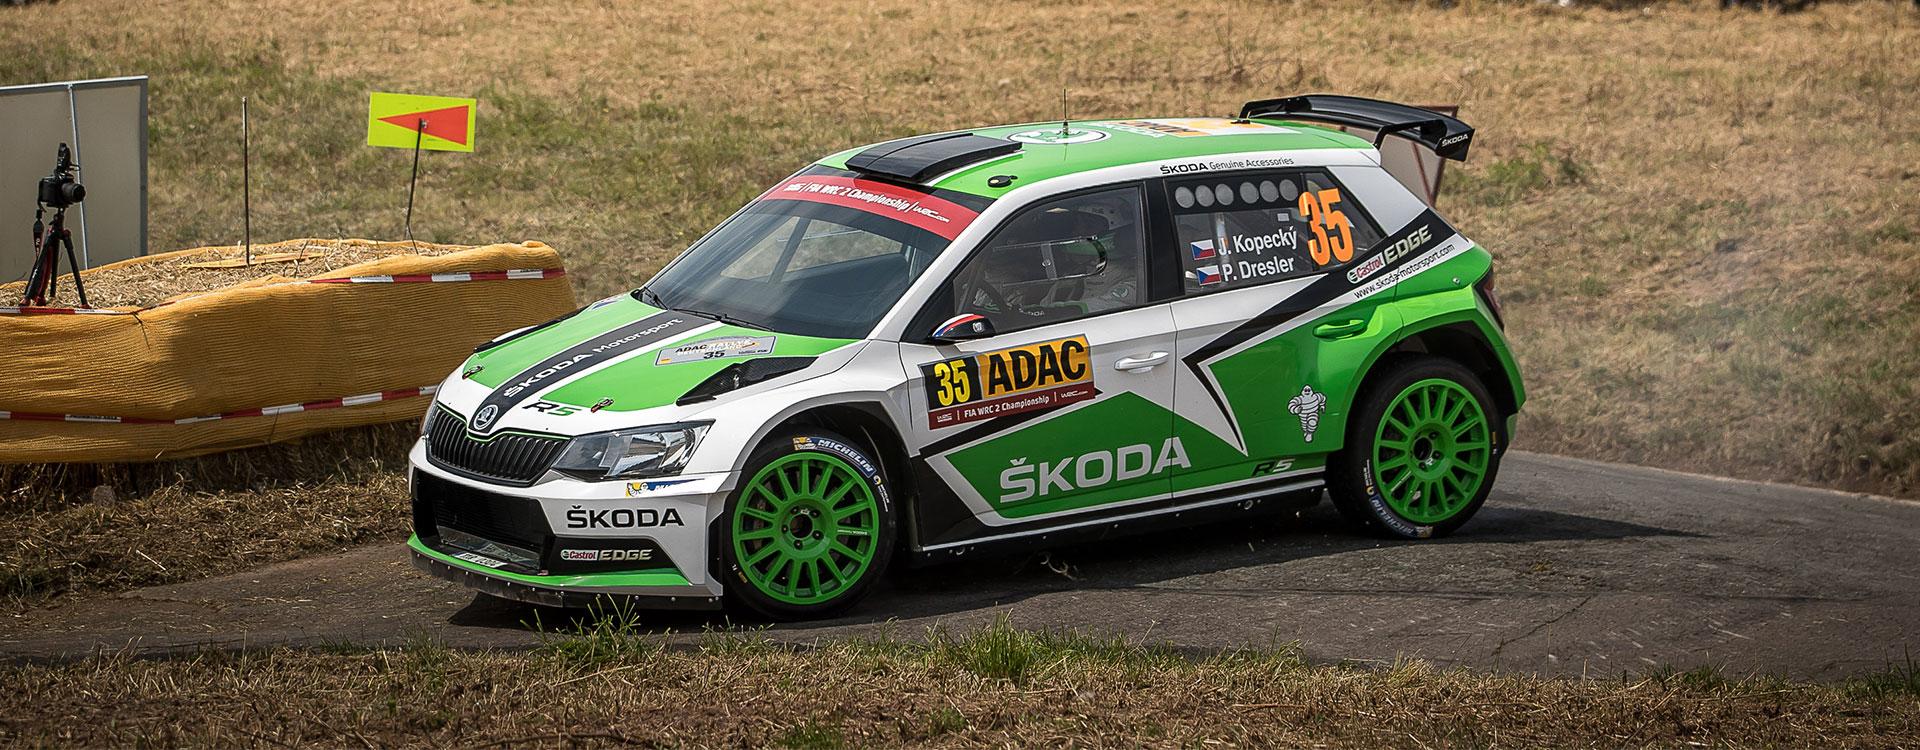 WRC Francie: Jan Kopecký chce na Korsice prodloužit úspěšnou sérii značky ŠKODA